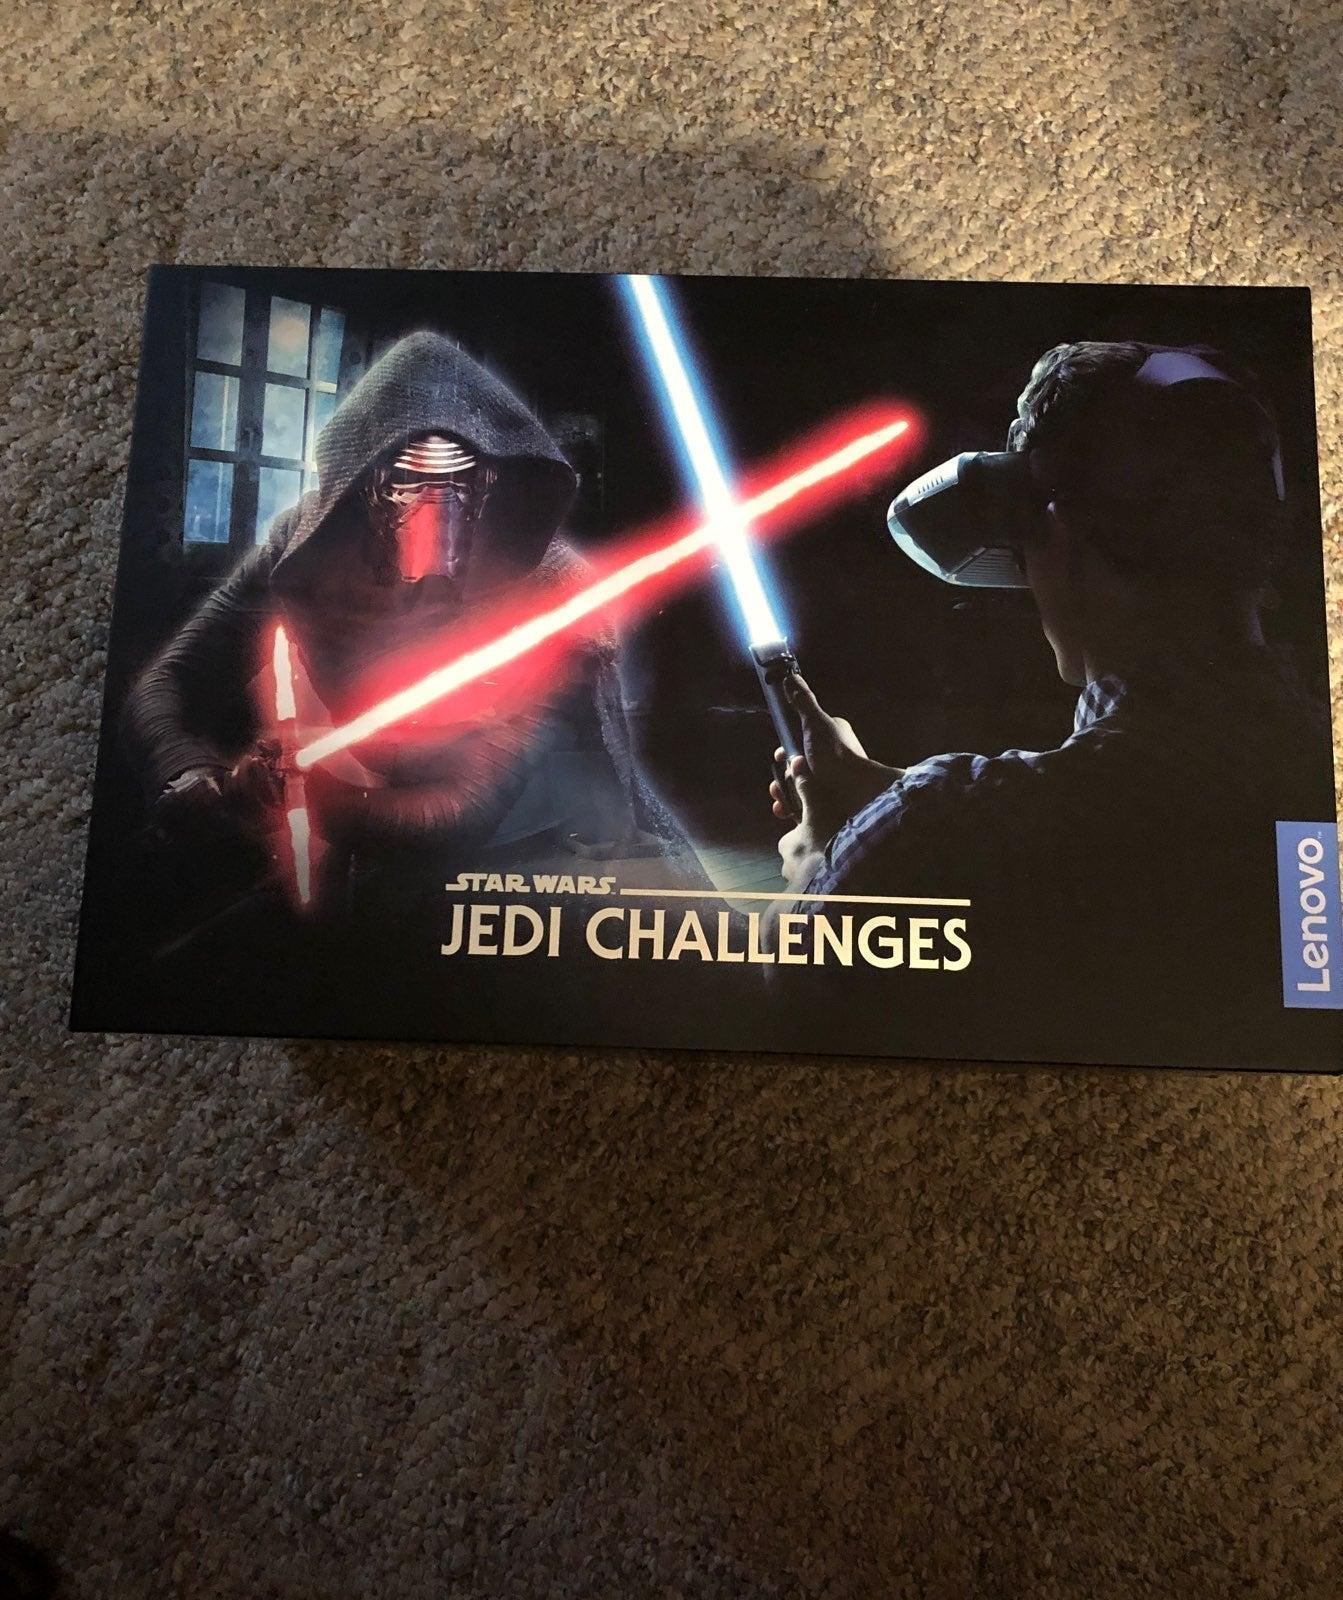 Star Wars Jedi Challenges VR Game